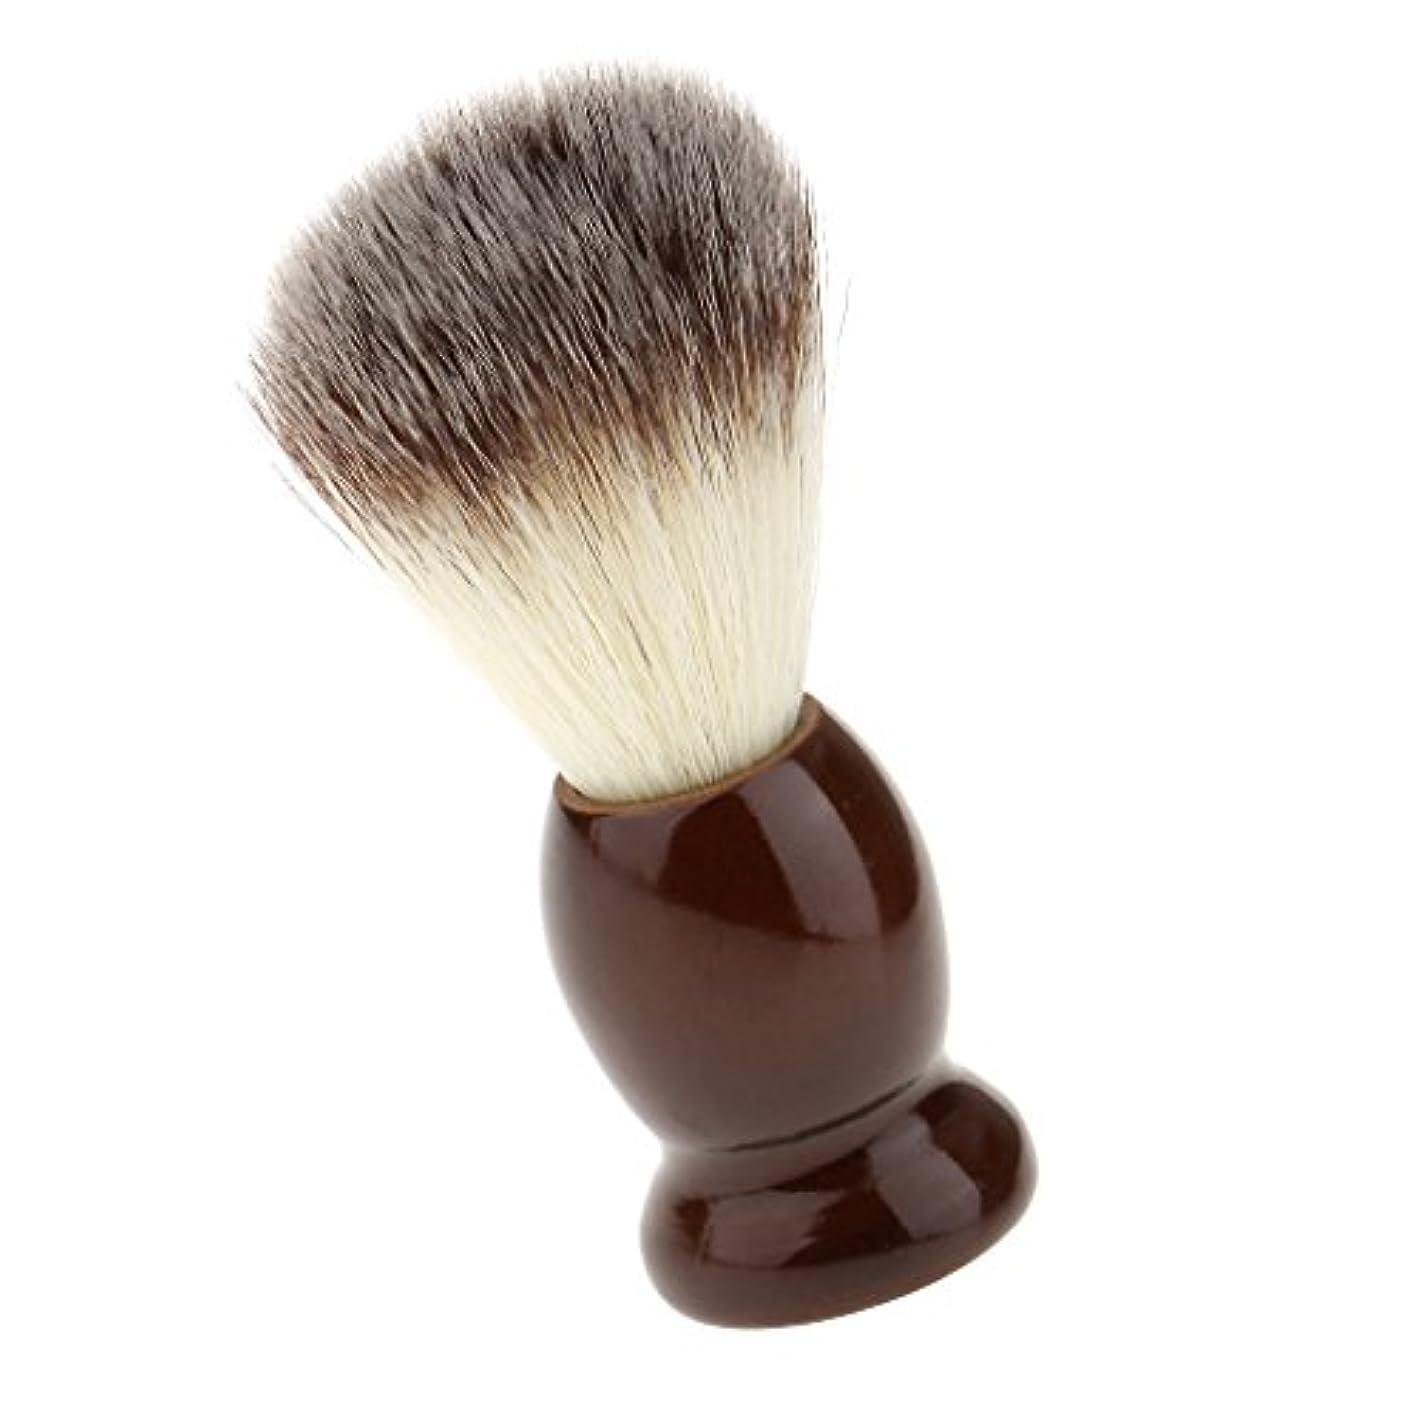 くびれたクリームドルSONONIA ナイロン製 シェービングブラシ サロン 柔らかい 髭剃り 洗顔 理容   便携 10.5cm  ブラウン